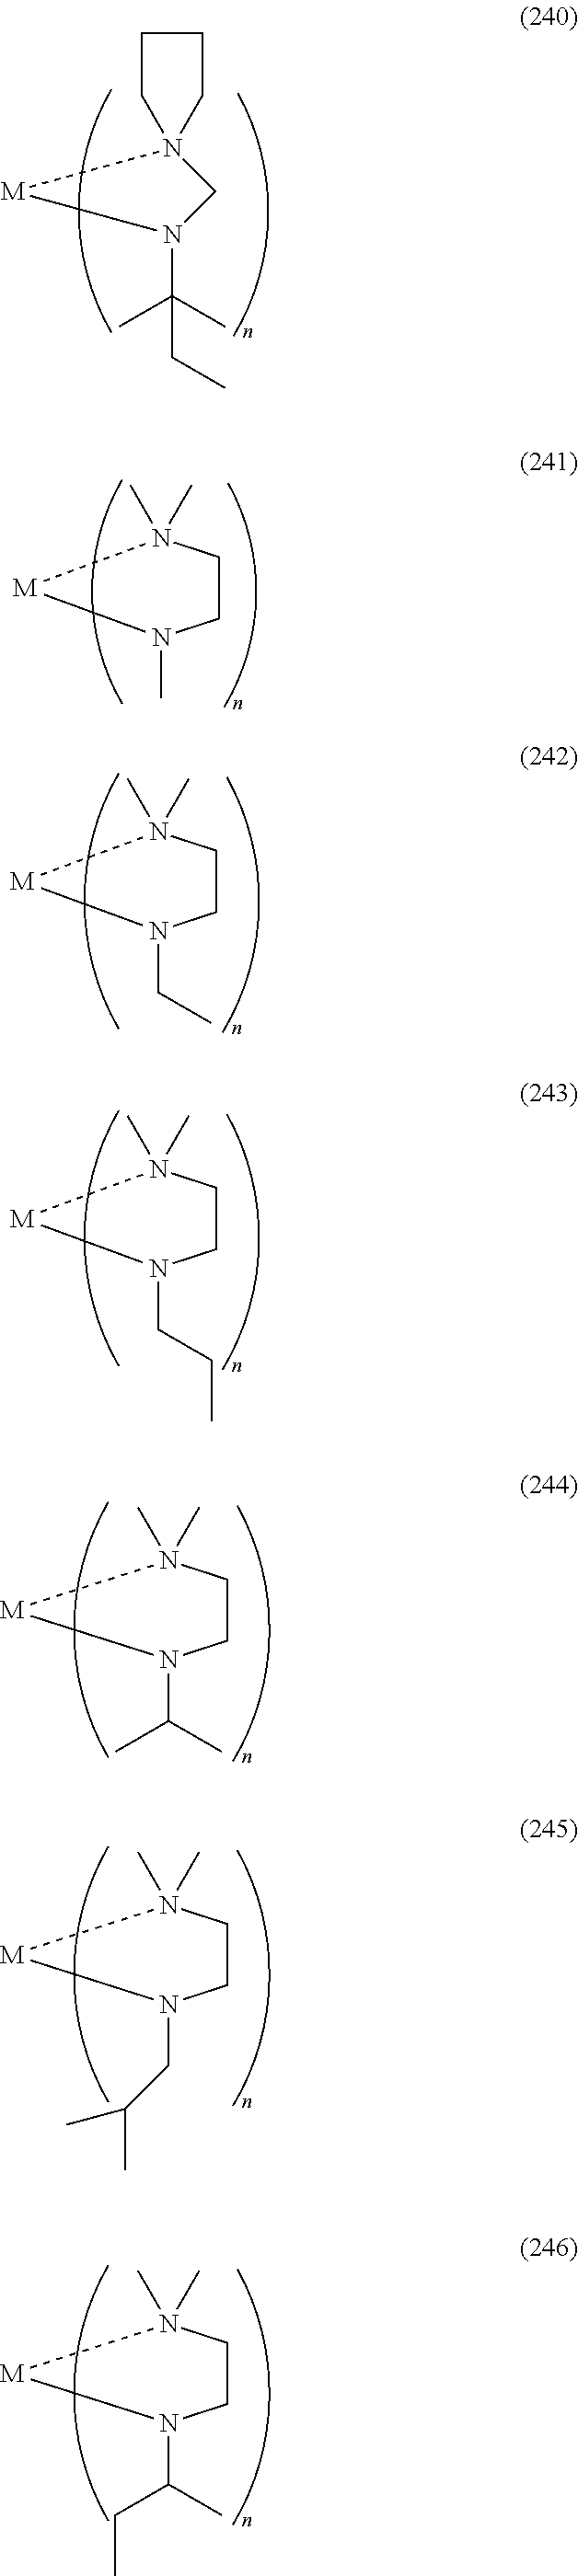 Figure US08871304-20141028-C00049